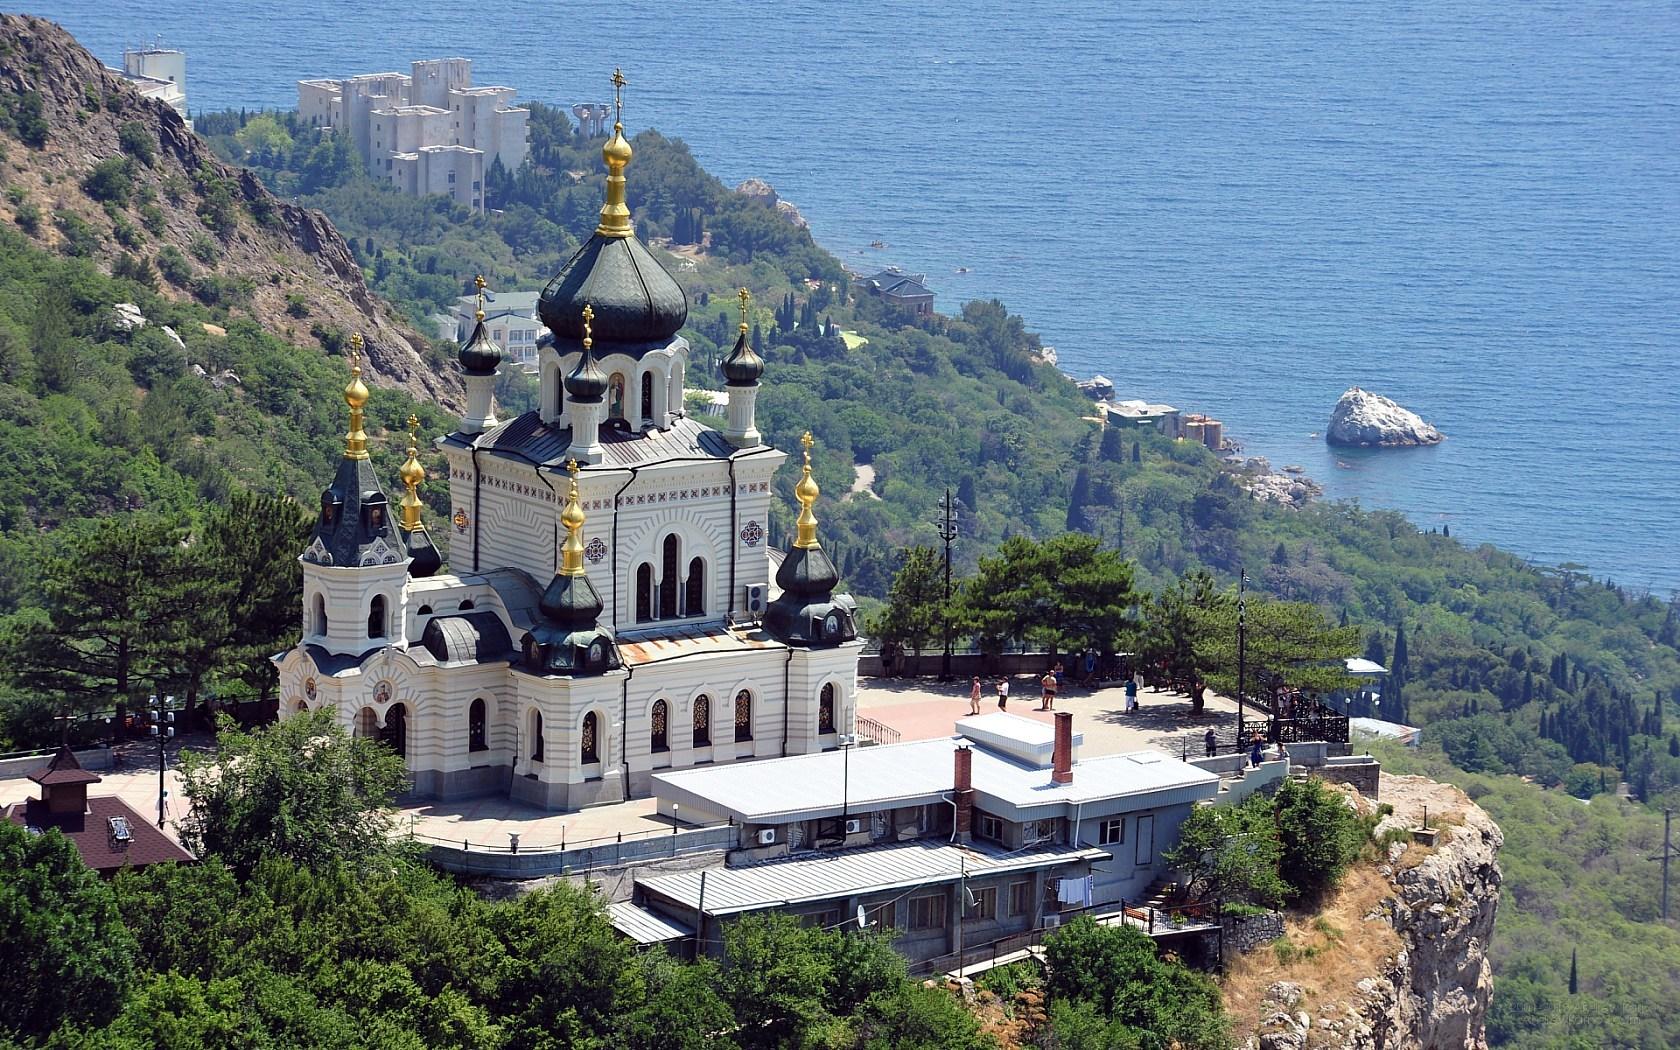 image-wallpaper-1680-1050-Crimea-the-Foros-church-Crimean-N7153046